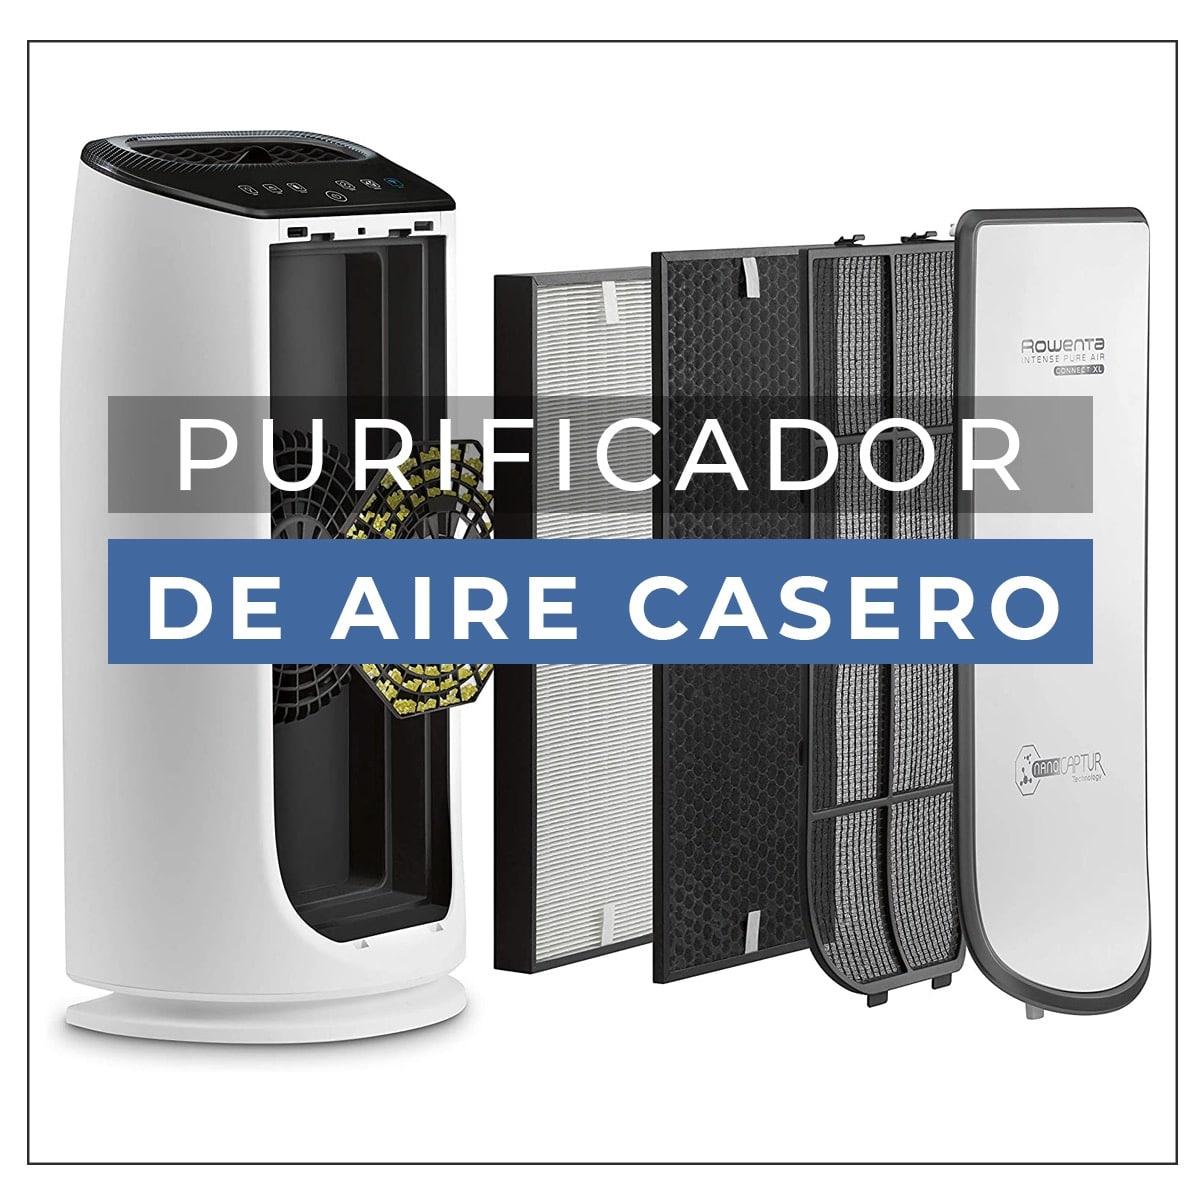 purificador de aire casero